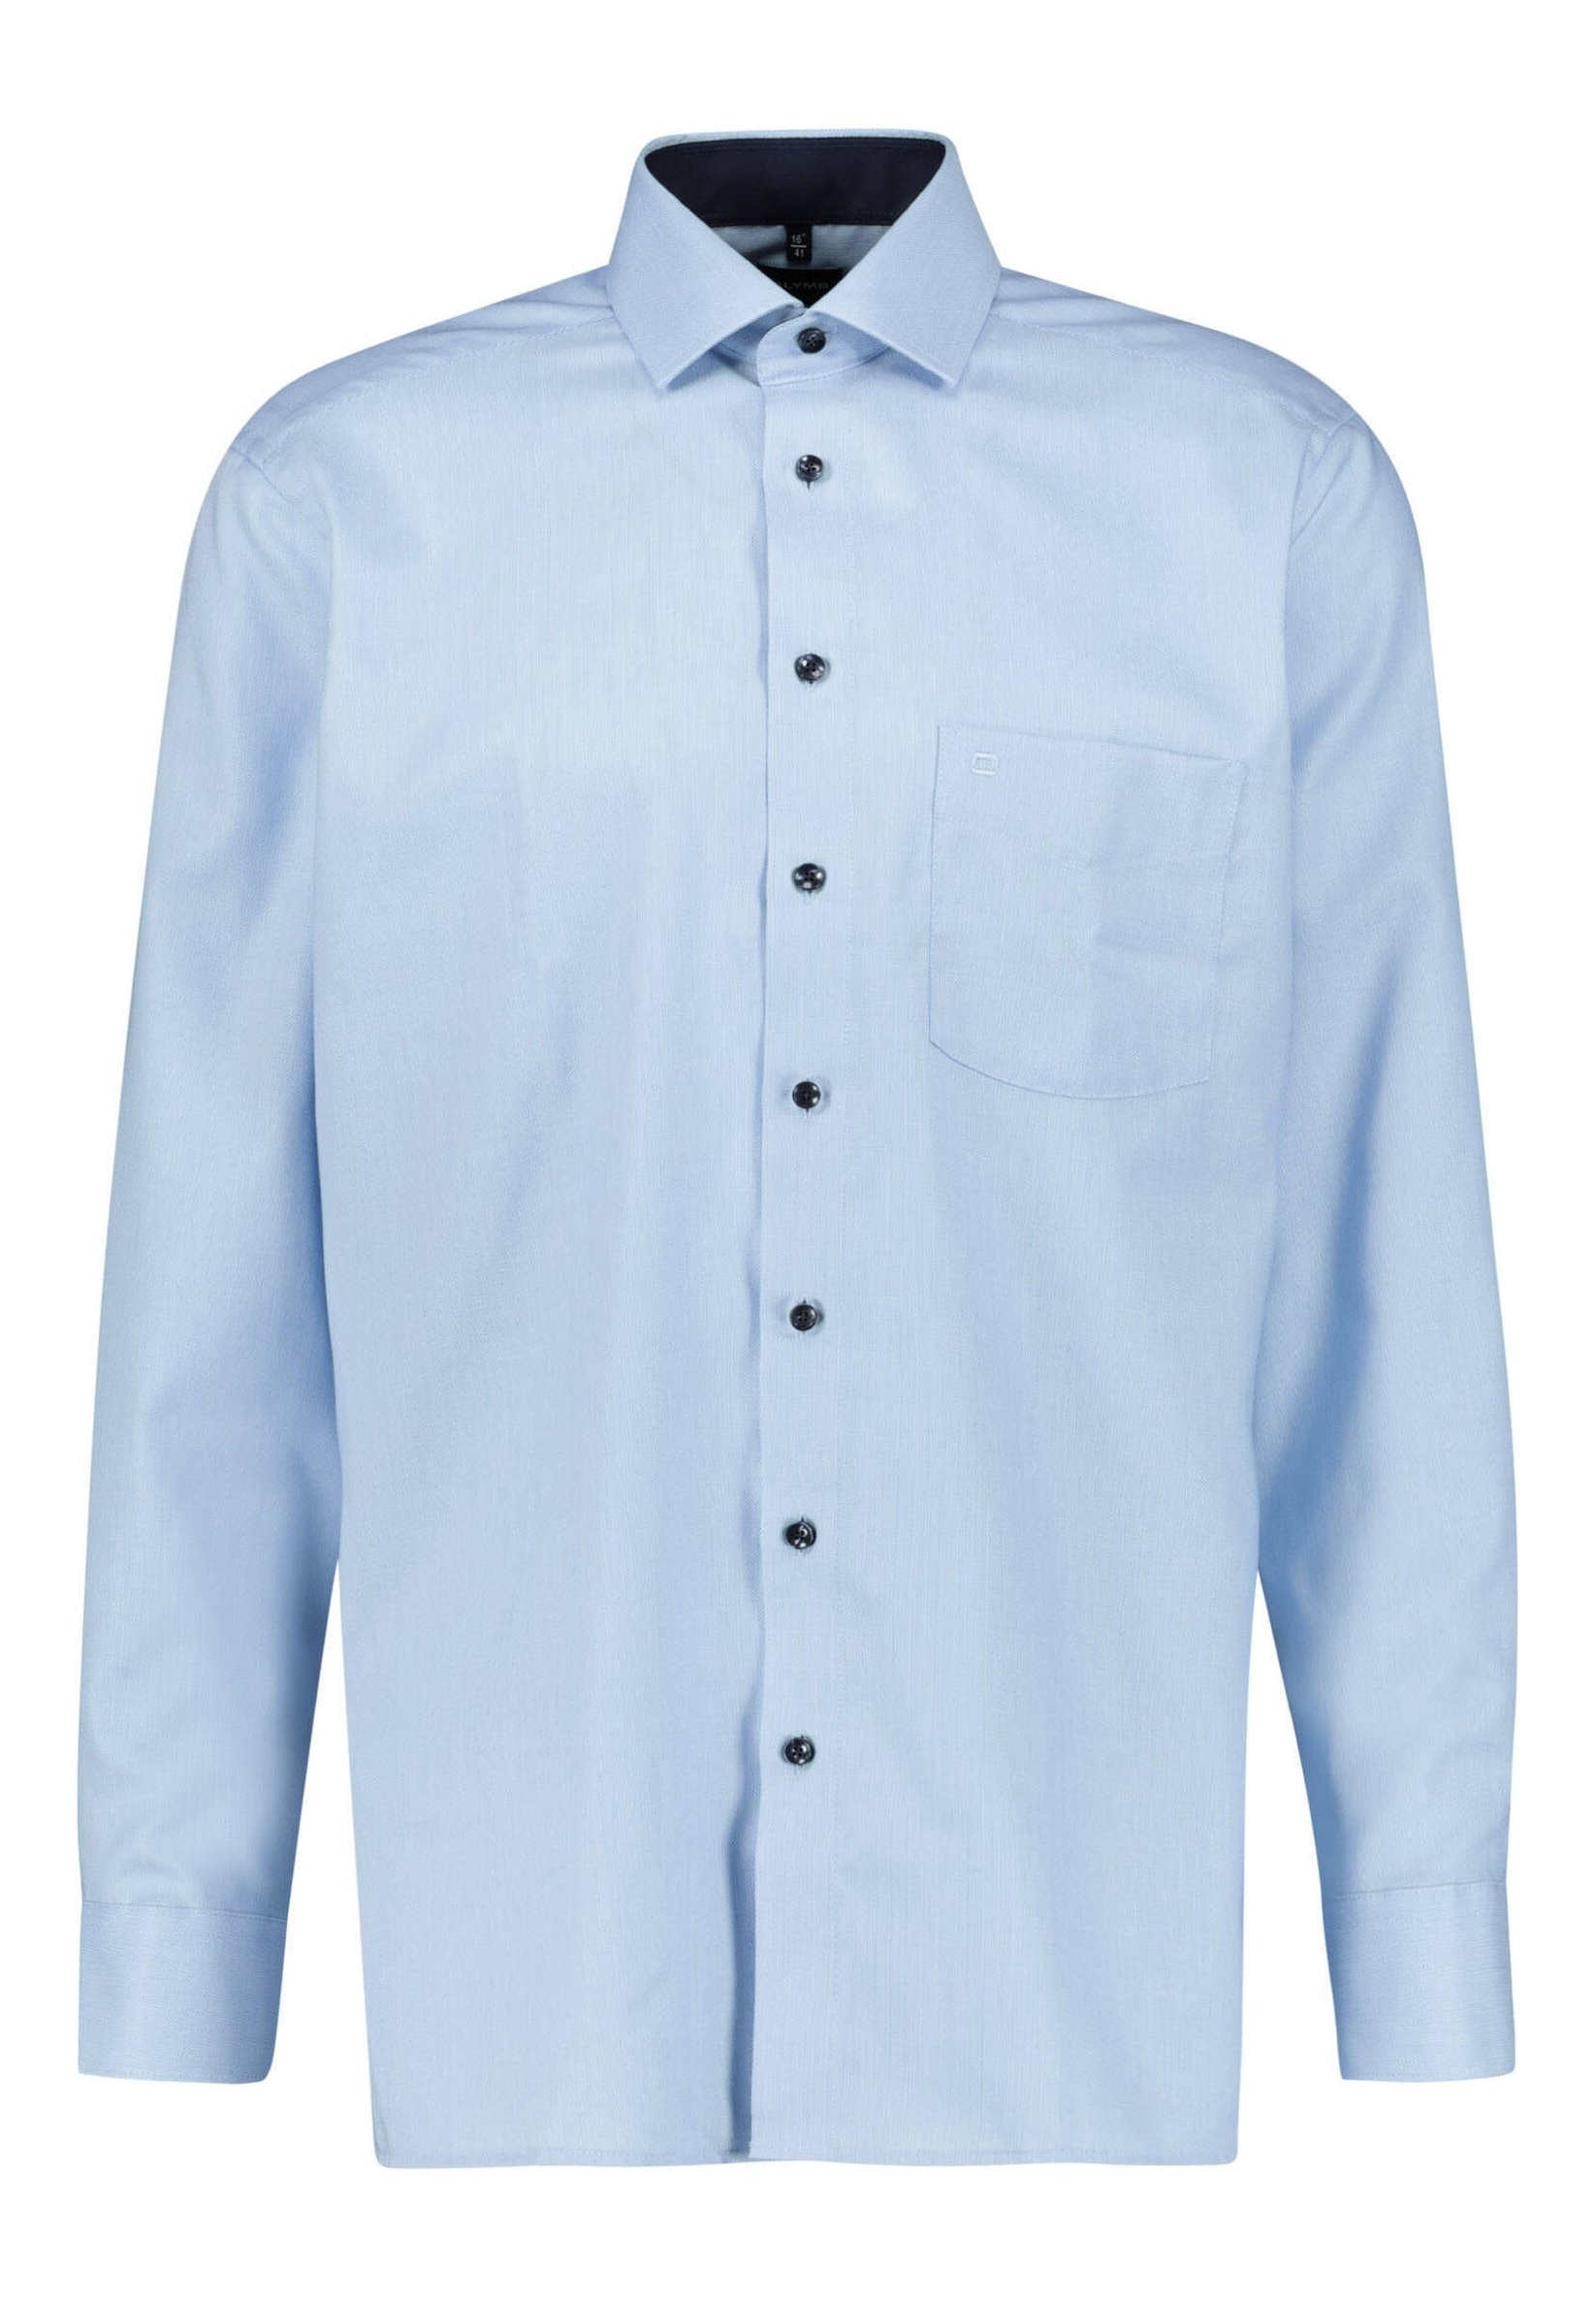 Herren 0400/64 HEMDEN - Businesshemd - stoned blue